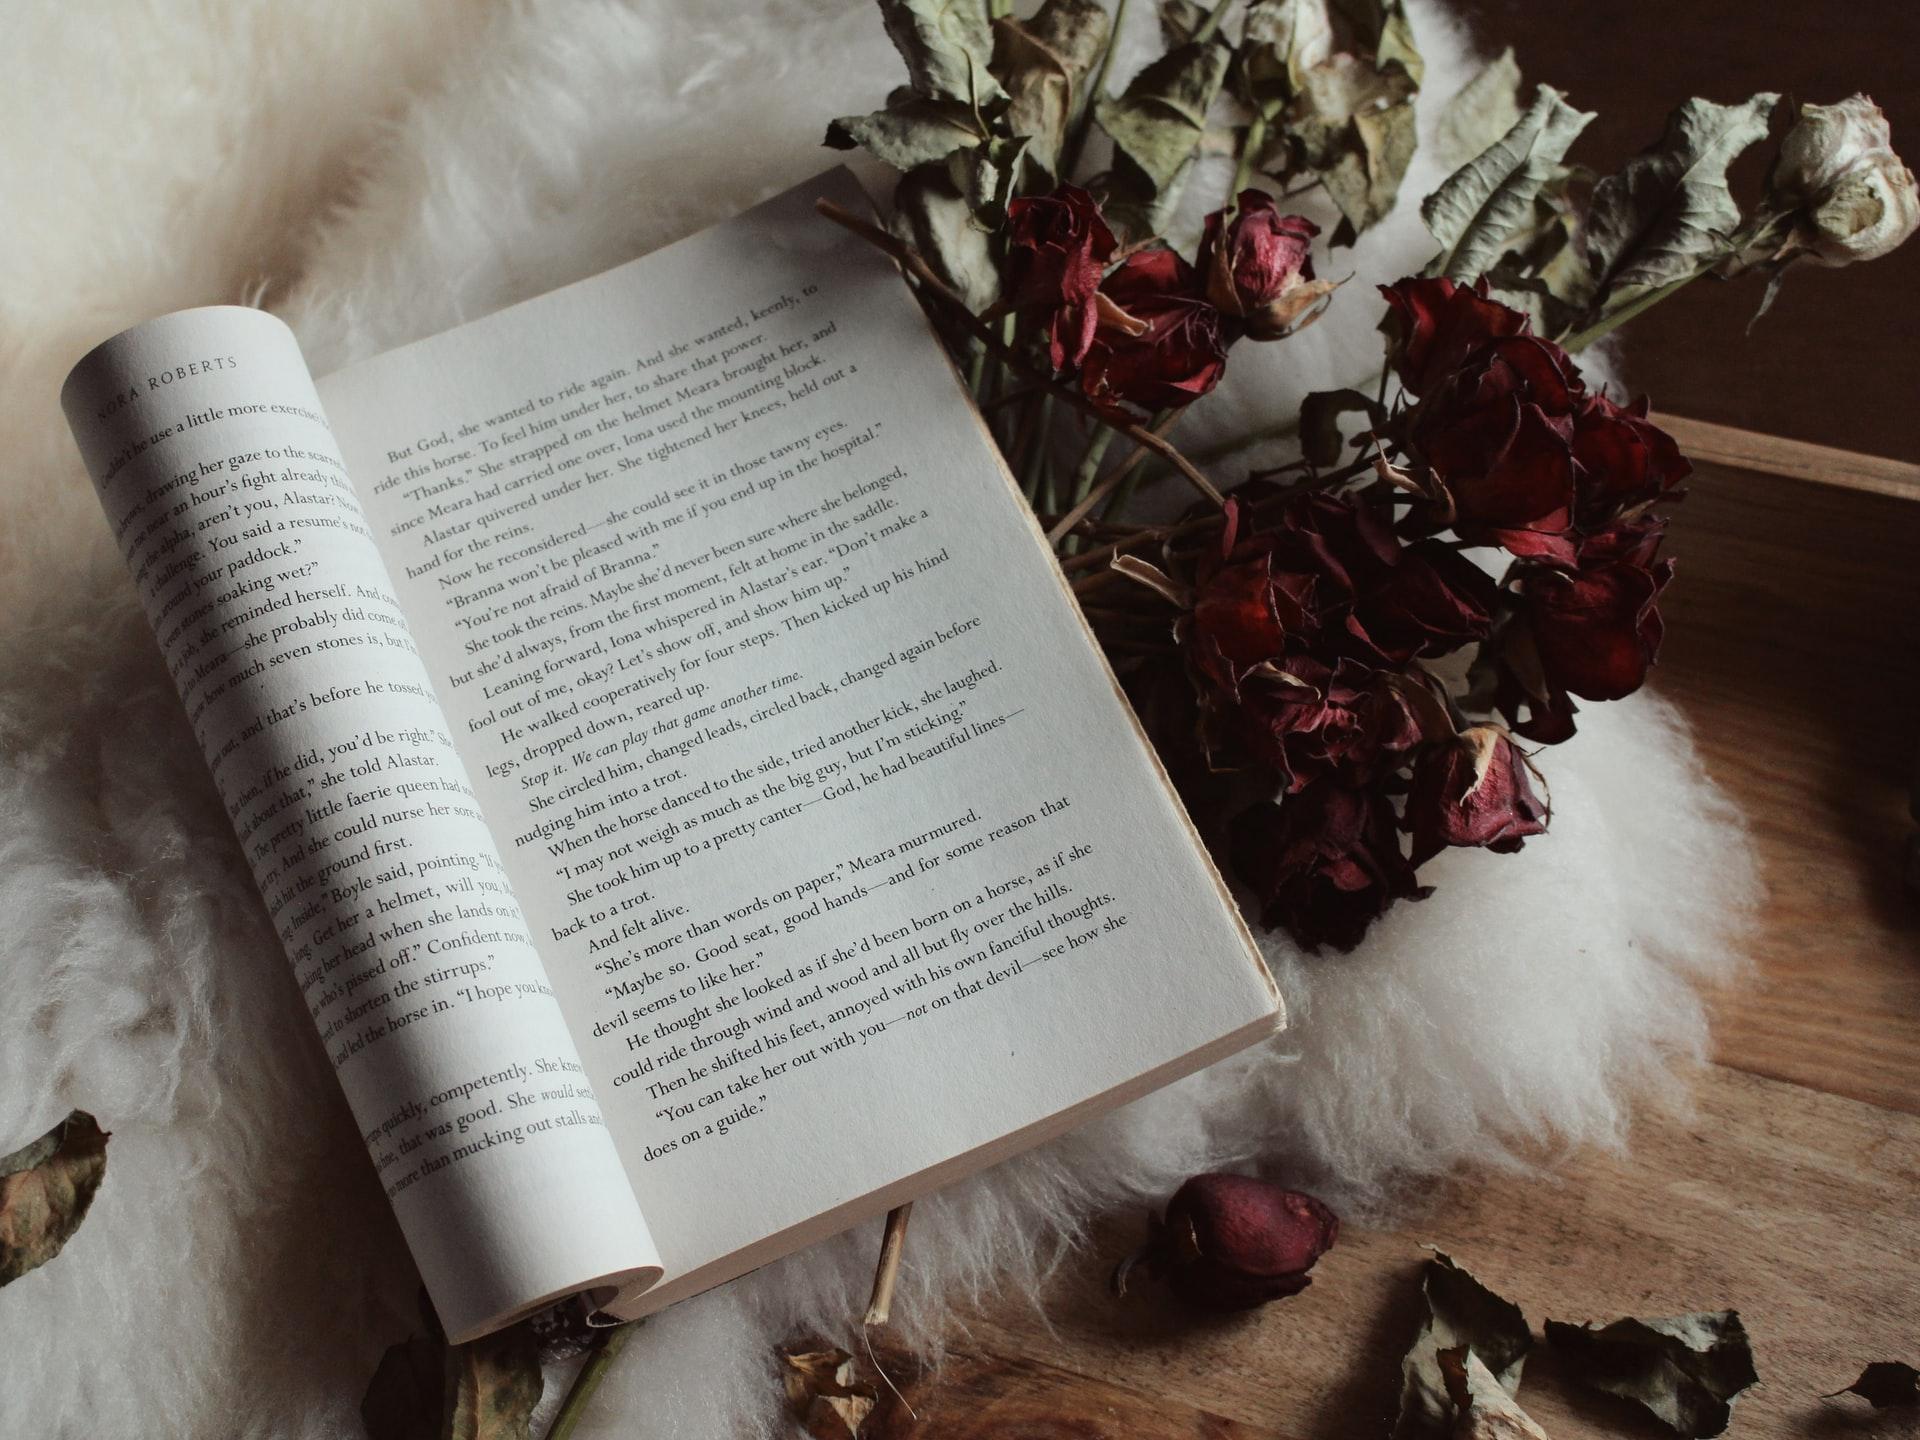 +12 poemas de Rabindranath Tagore ¡Poesía filosófica!